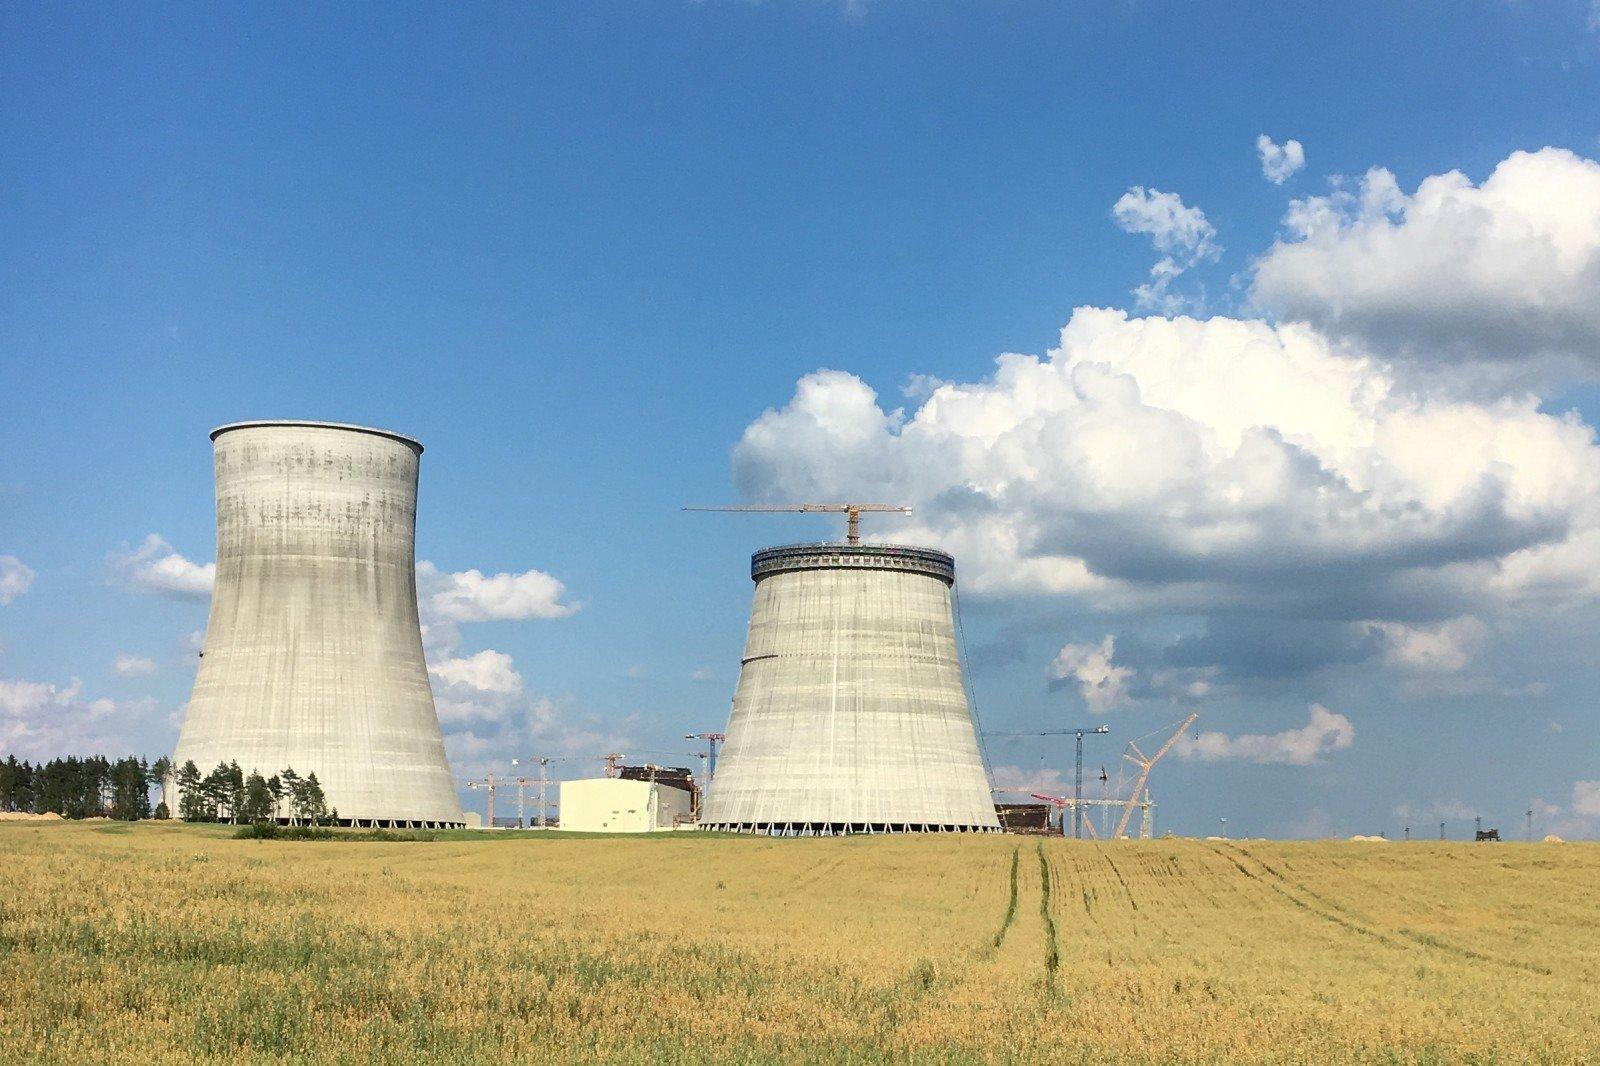 Польское руководство: Мынебудем покупать электроэнергию вОстровце. Точка